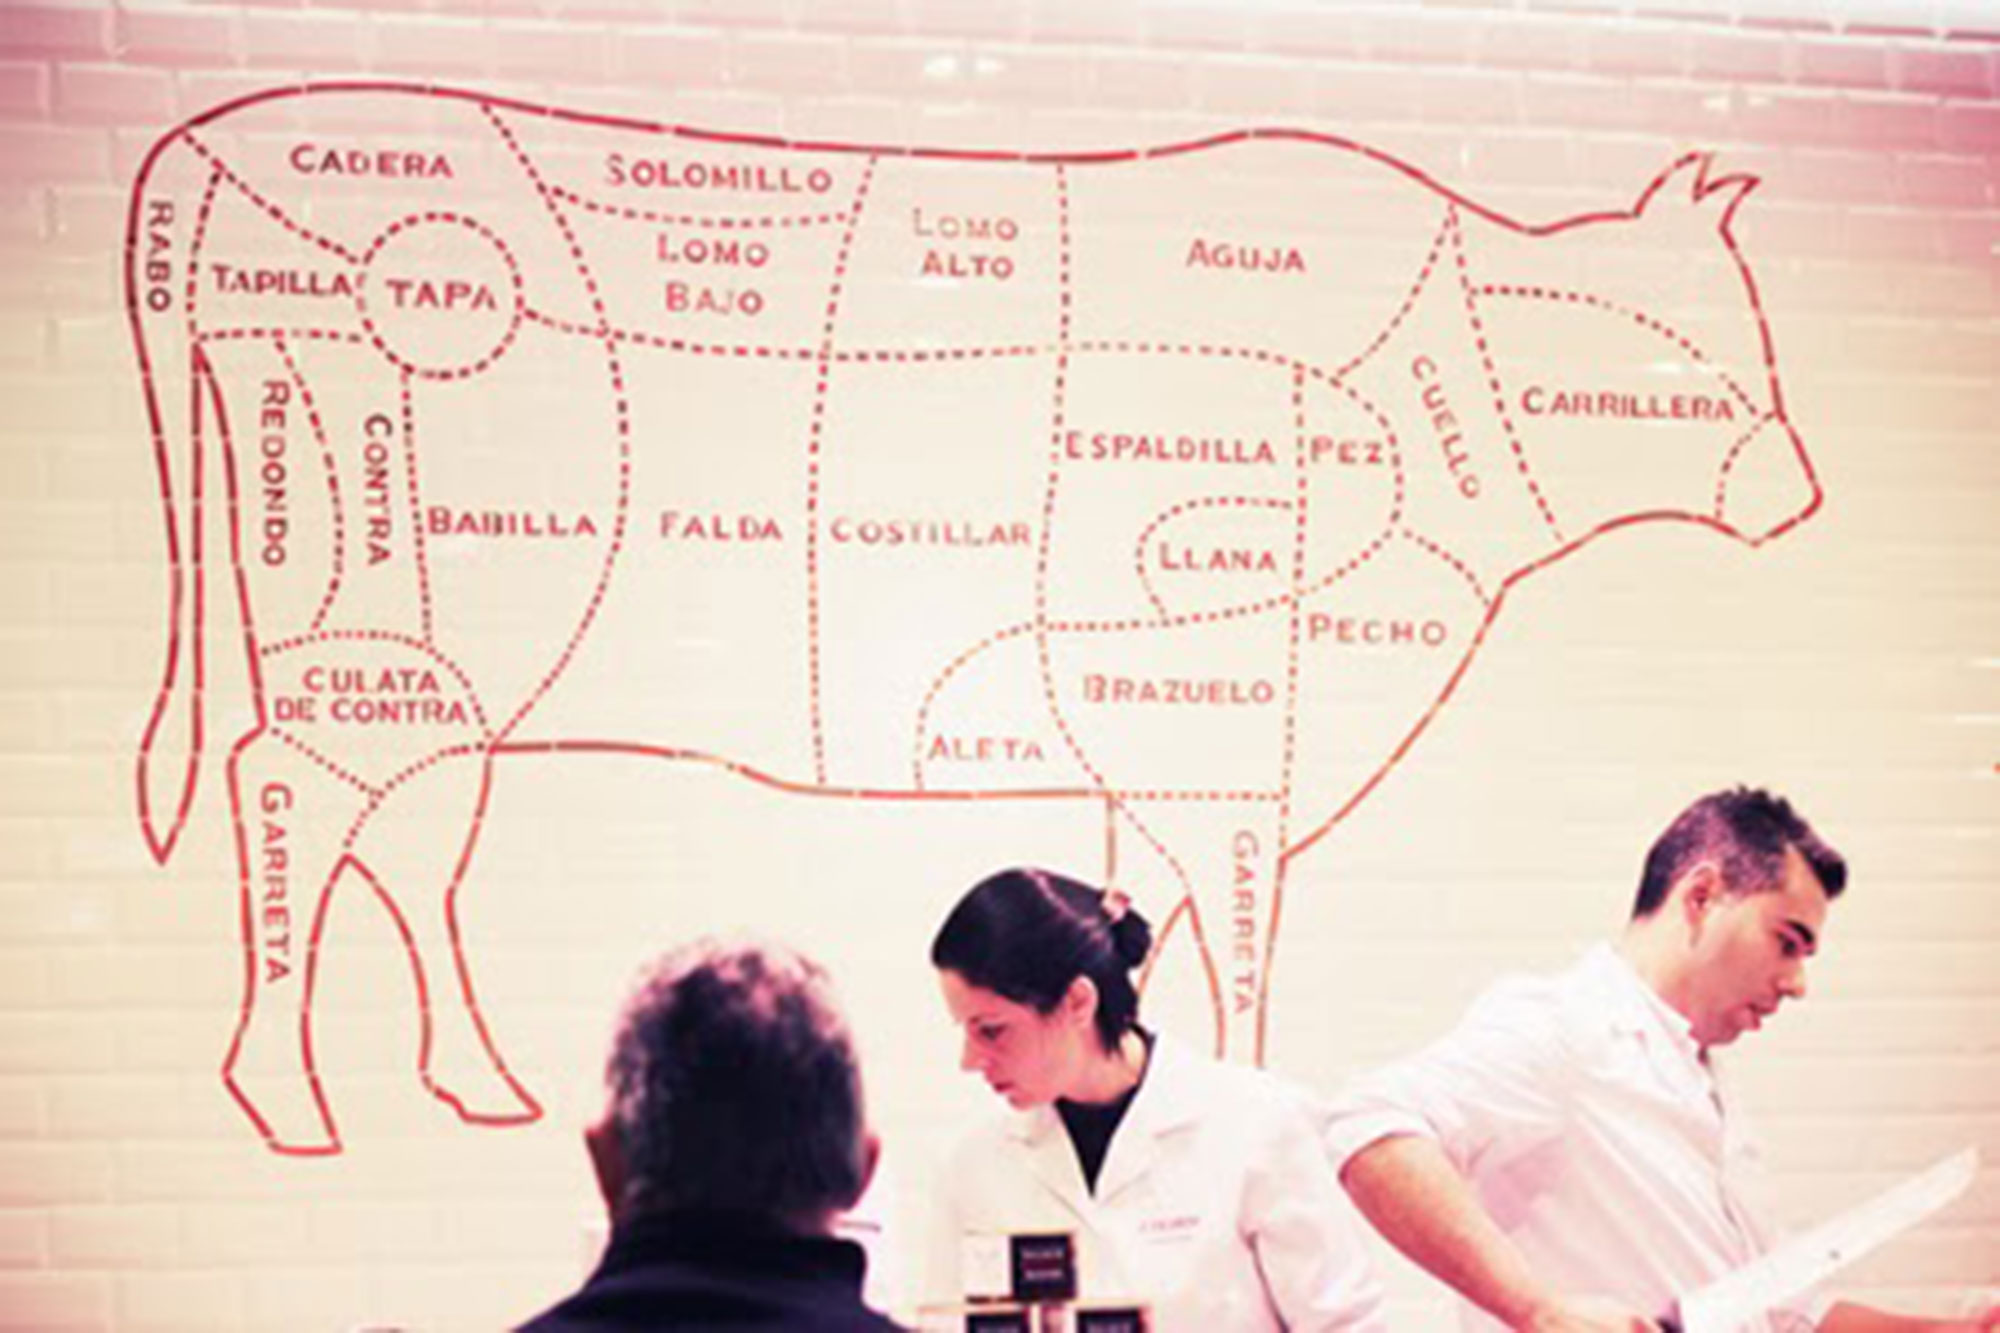 Visite gourmande et colorée des Marchés de Valencia #1 – Espagne